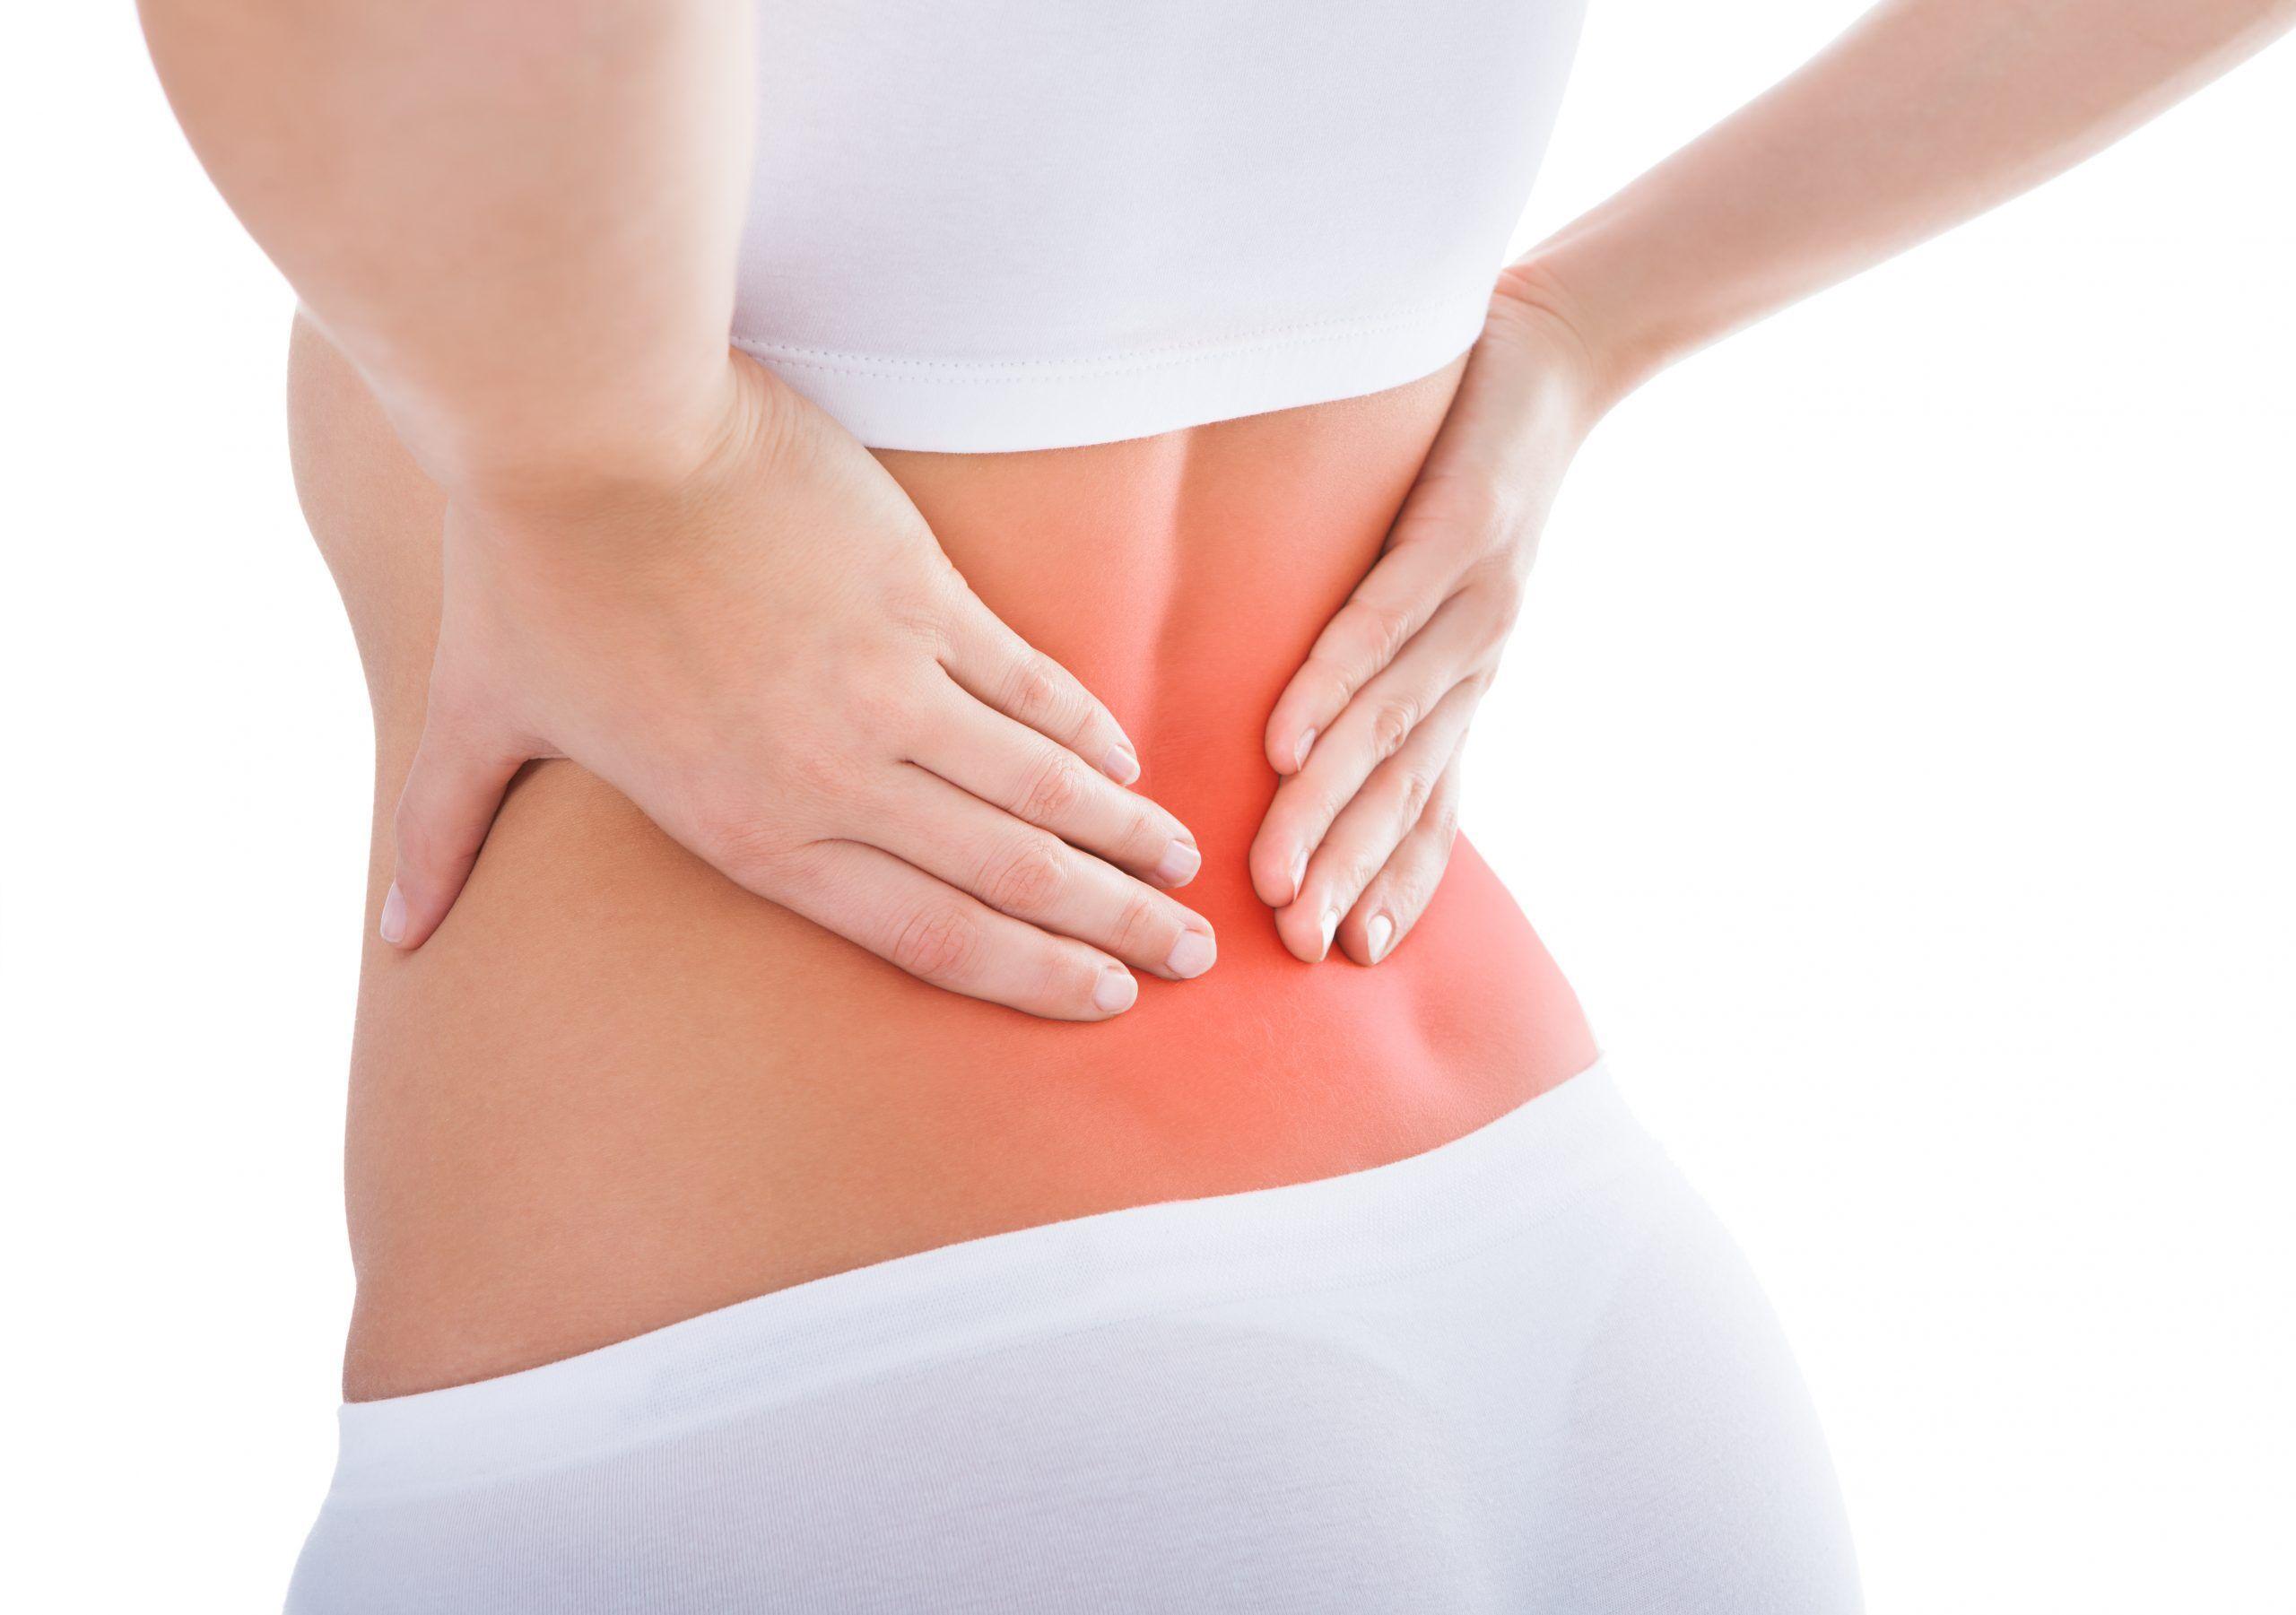 Sei a rischio mal di schiena? [TEST]